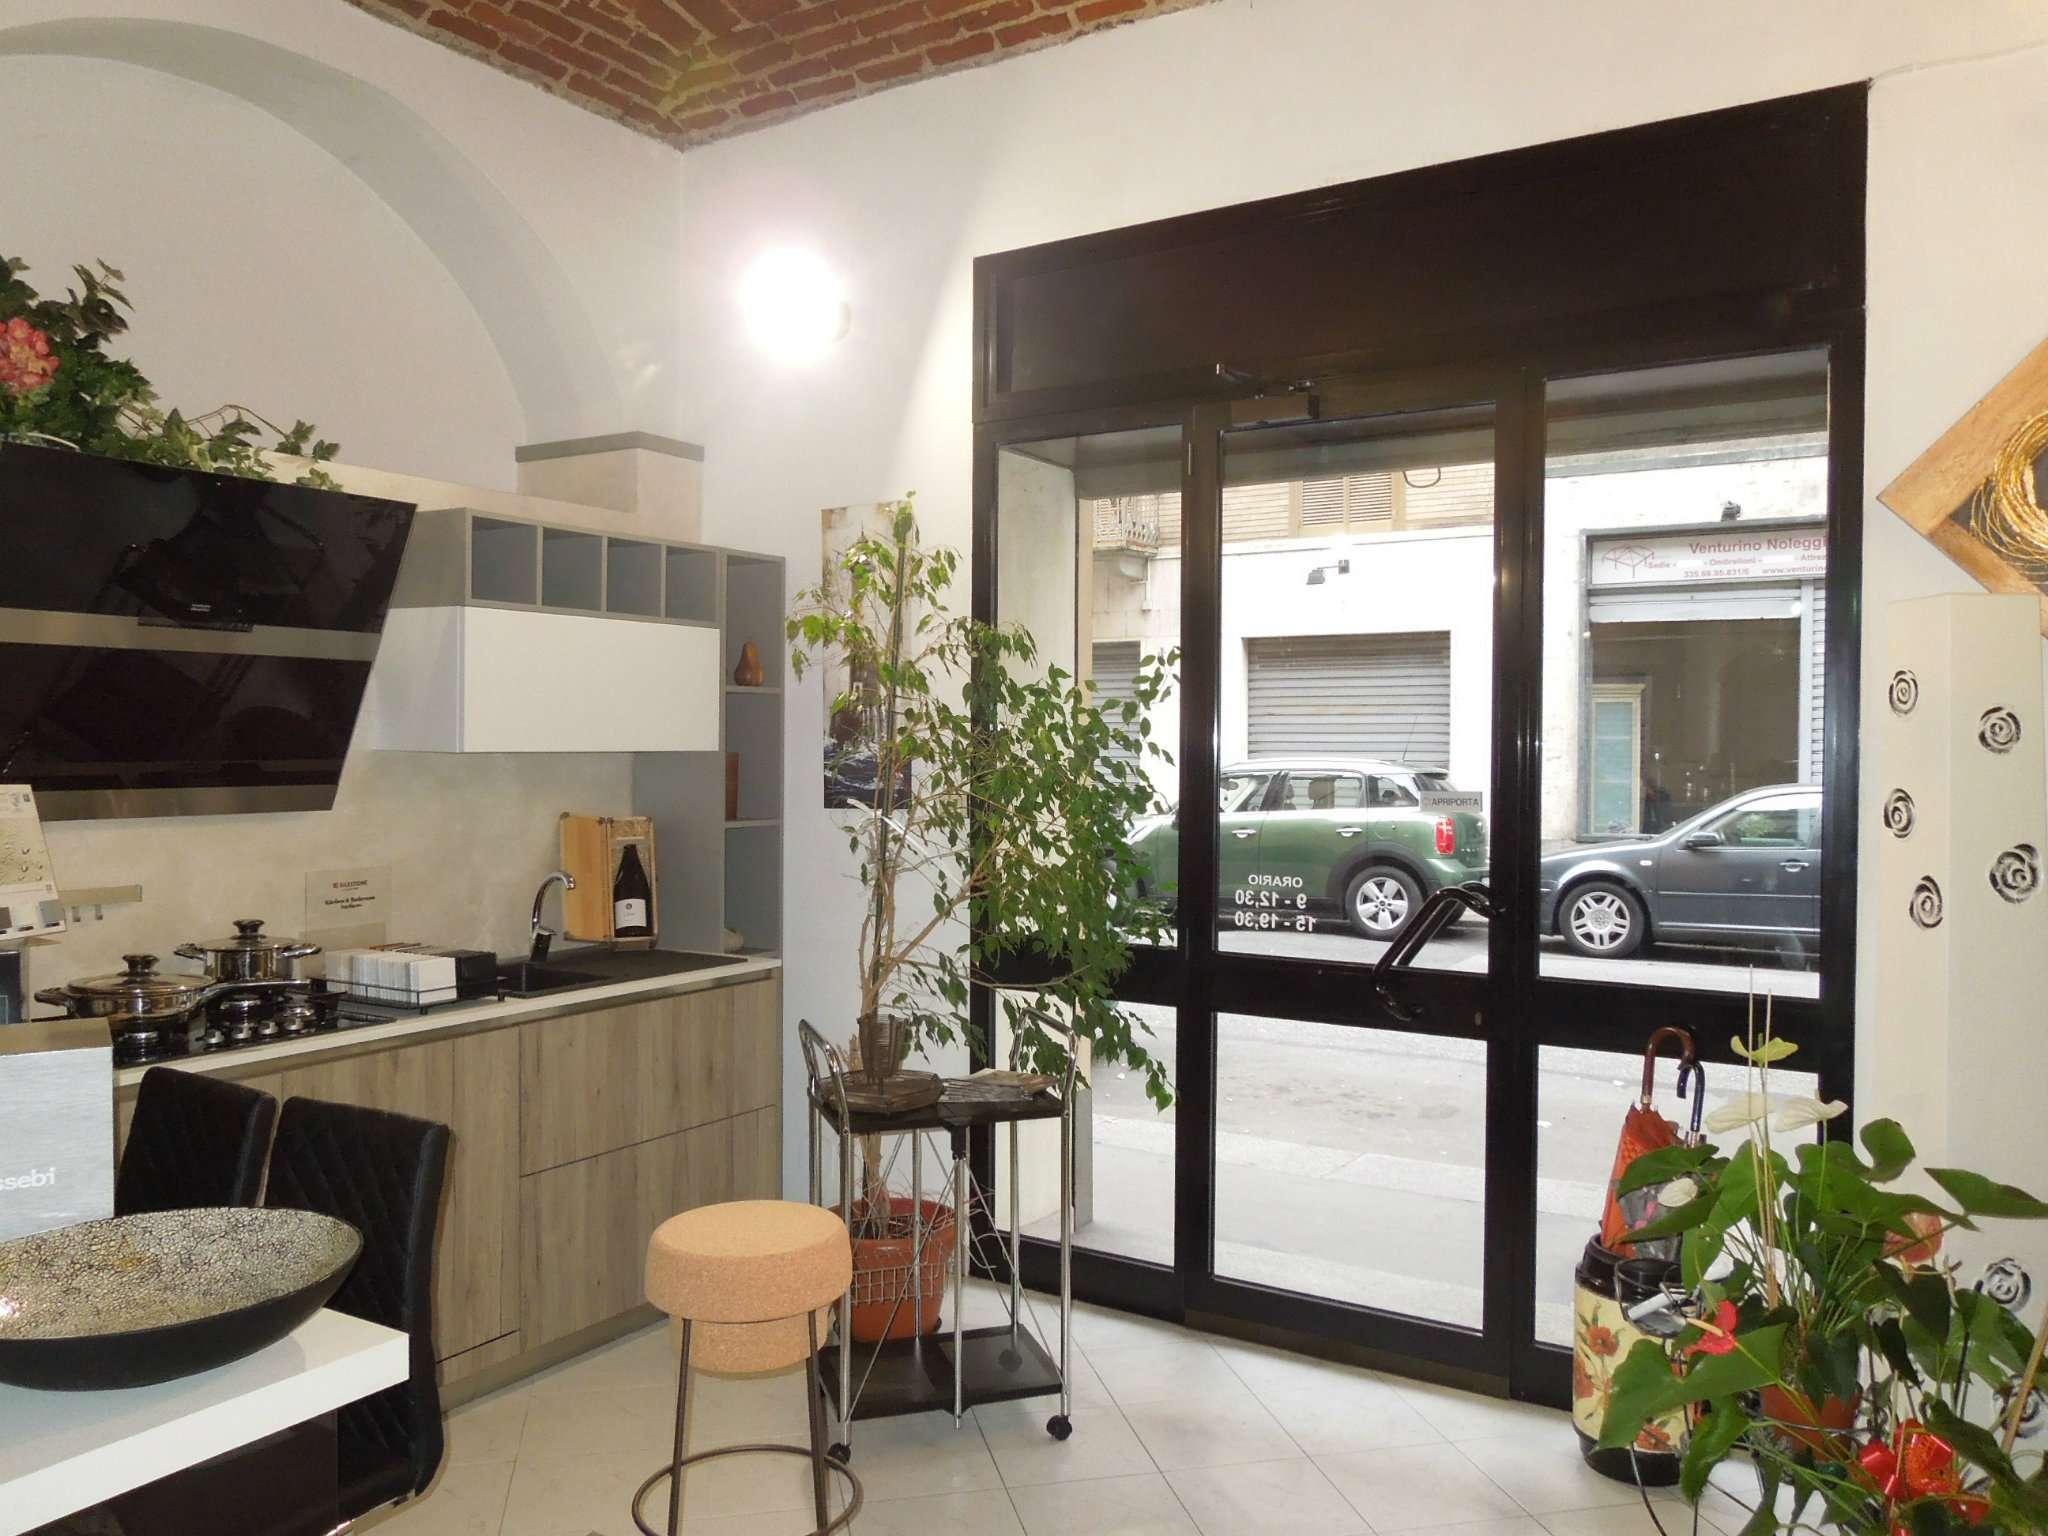 Negozio / Locale in affitto a Torino, 2 locali, zona San Donato, Cit Turin, Campidoglio,, prezzo € 1.200   PortaleAgenzieImmobiliari.it